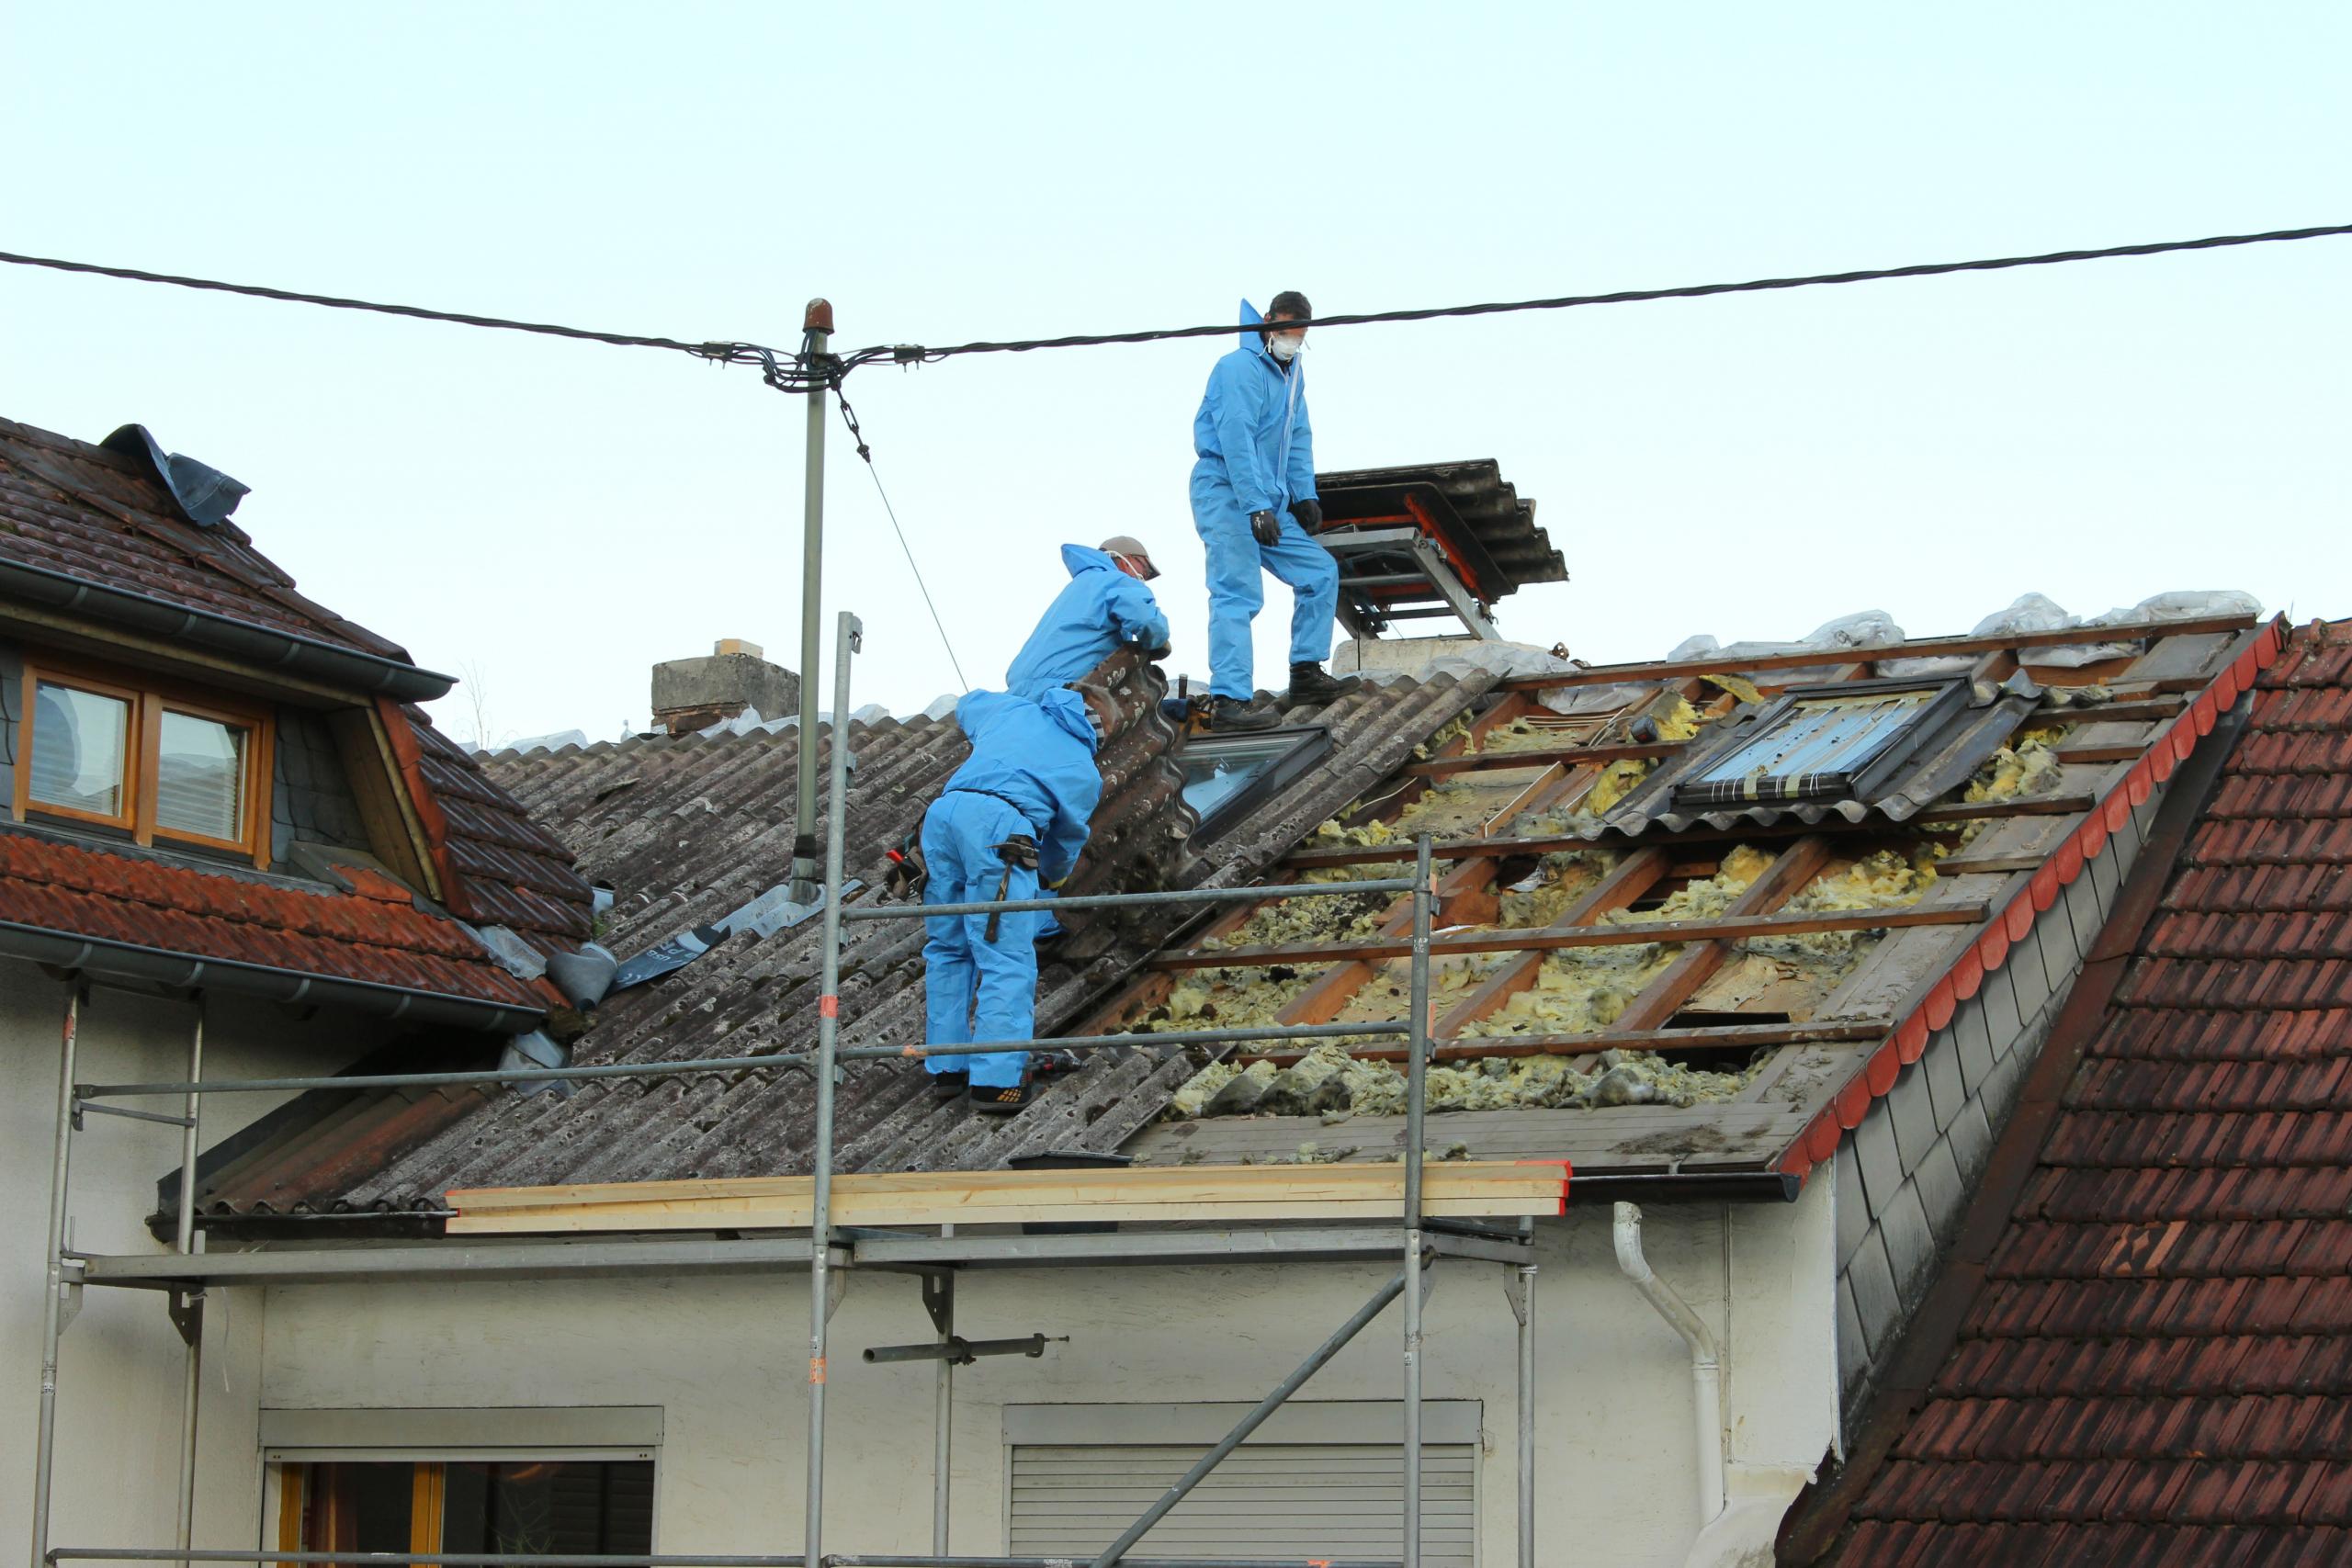 démontage d'une toiture - conseils et devis en rénovation de toiture